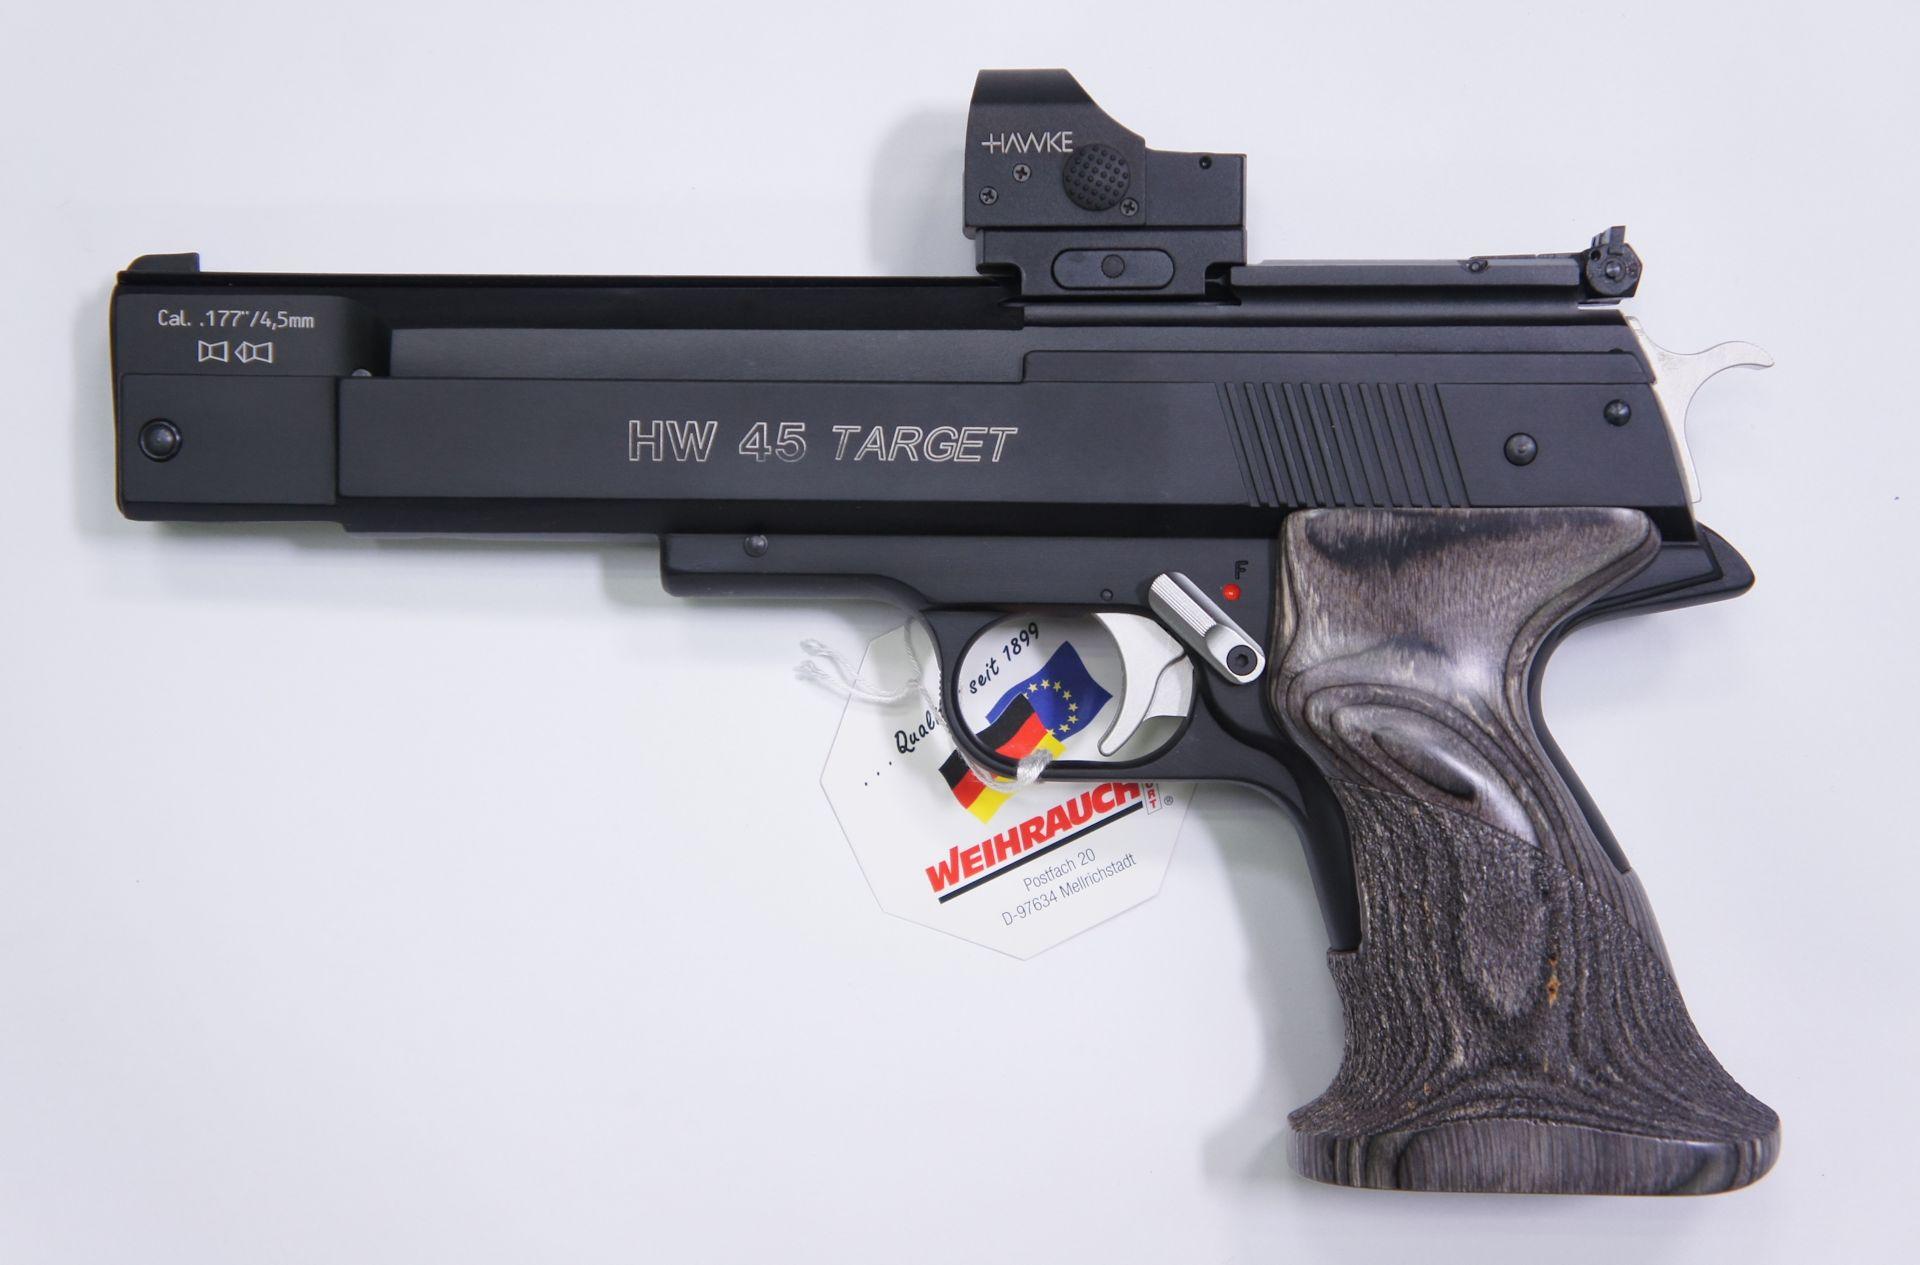 Montagebeispiel HW 45 Target mit Hawke Reflexvisier 1x25